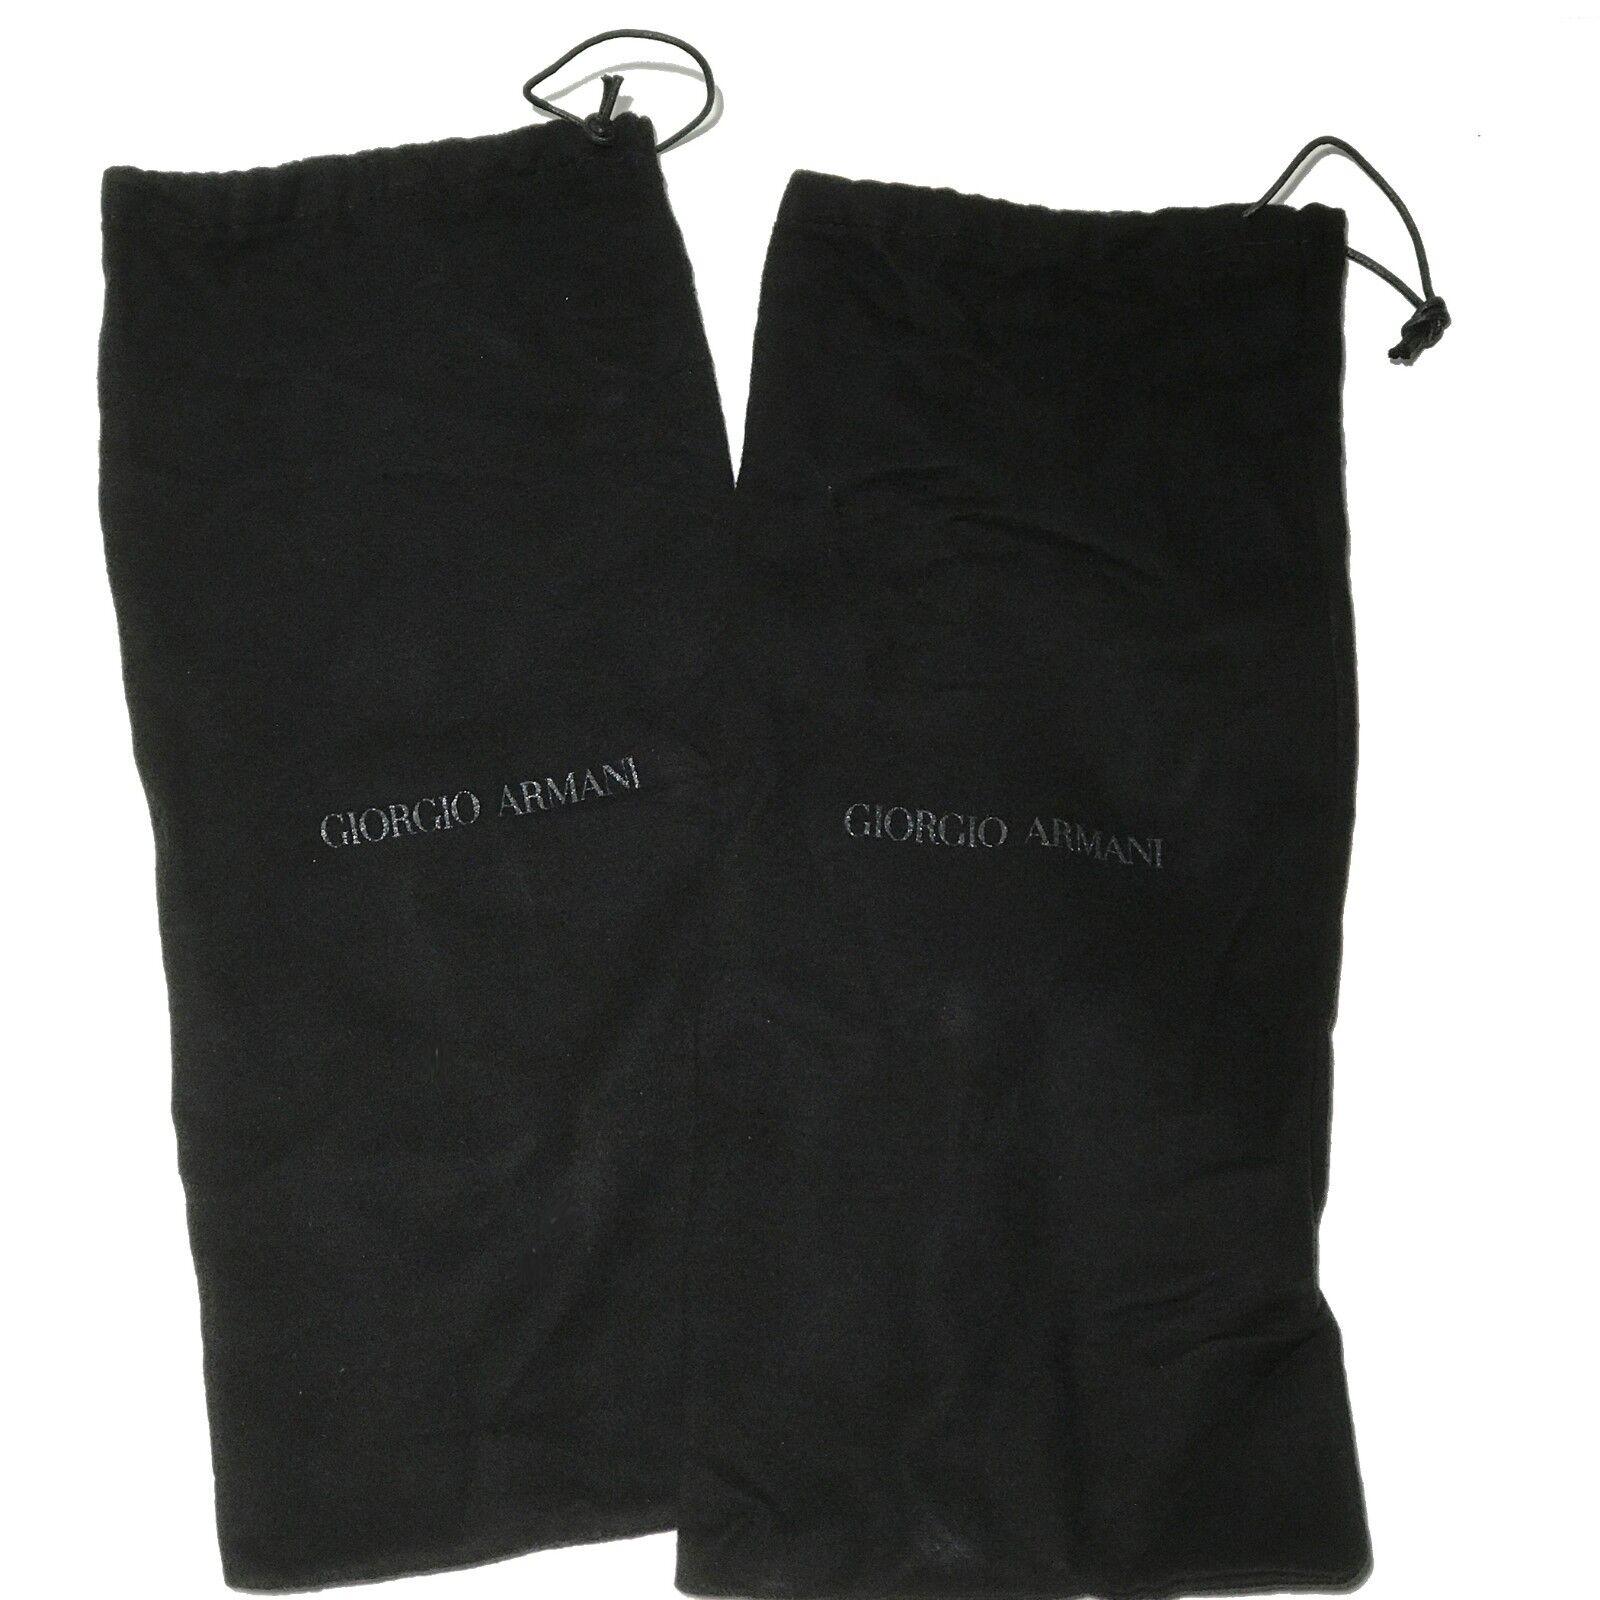 Giorgio Giorgio Giorgio ARMANI Leather Dress Round Toe Men's Oxford Casual Sport Sneakers X2X052 4b88db